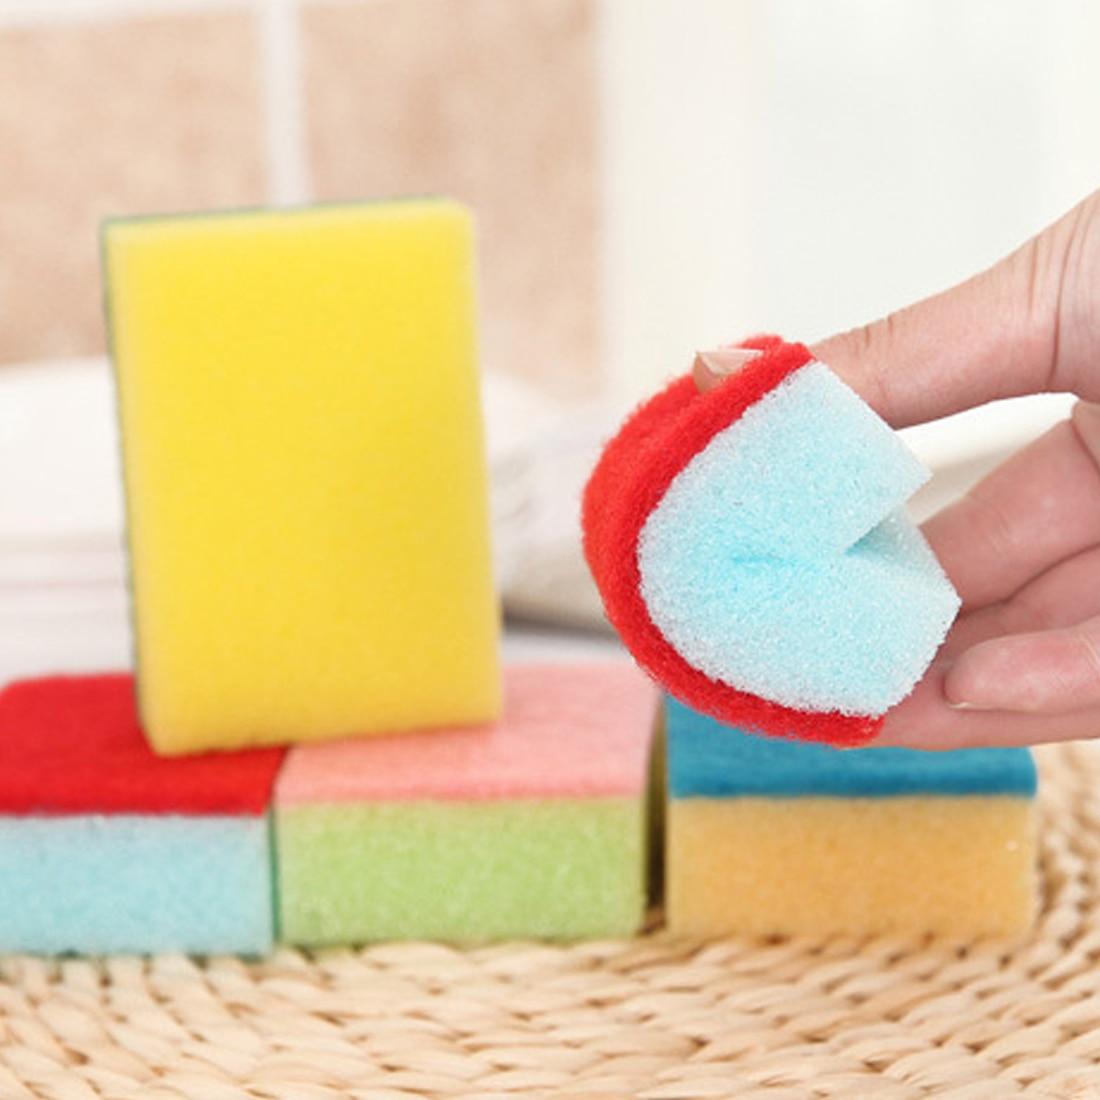 Лидер продаж нано губки magic eraser для удаления ржавчины уборка хлопка наждачной губкой Кухня поставки удаления накипи чистке руб горшок